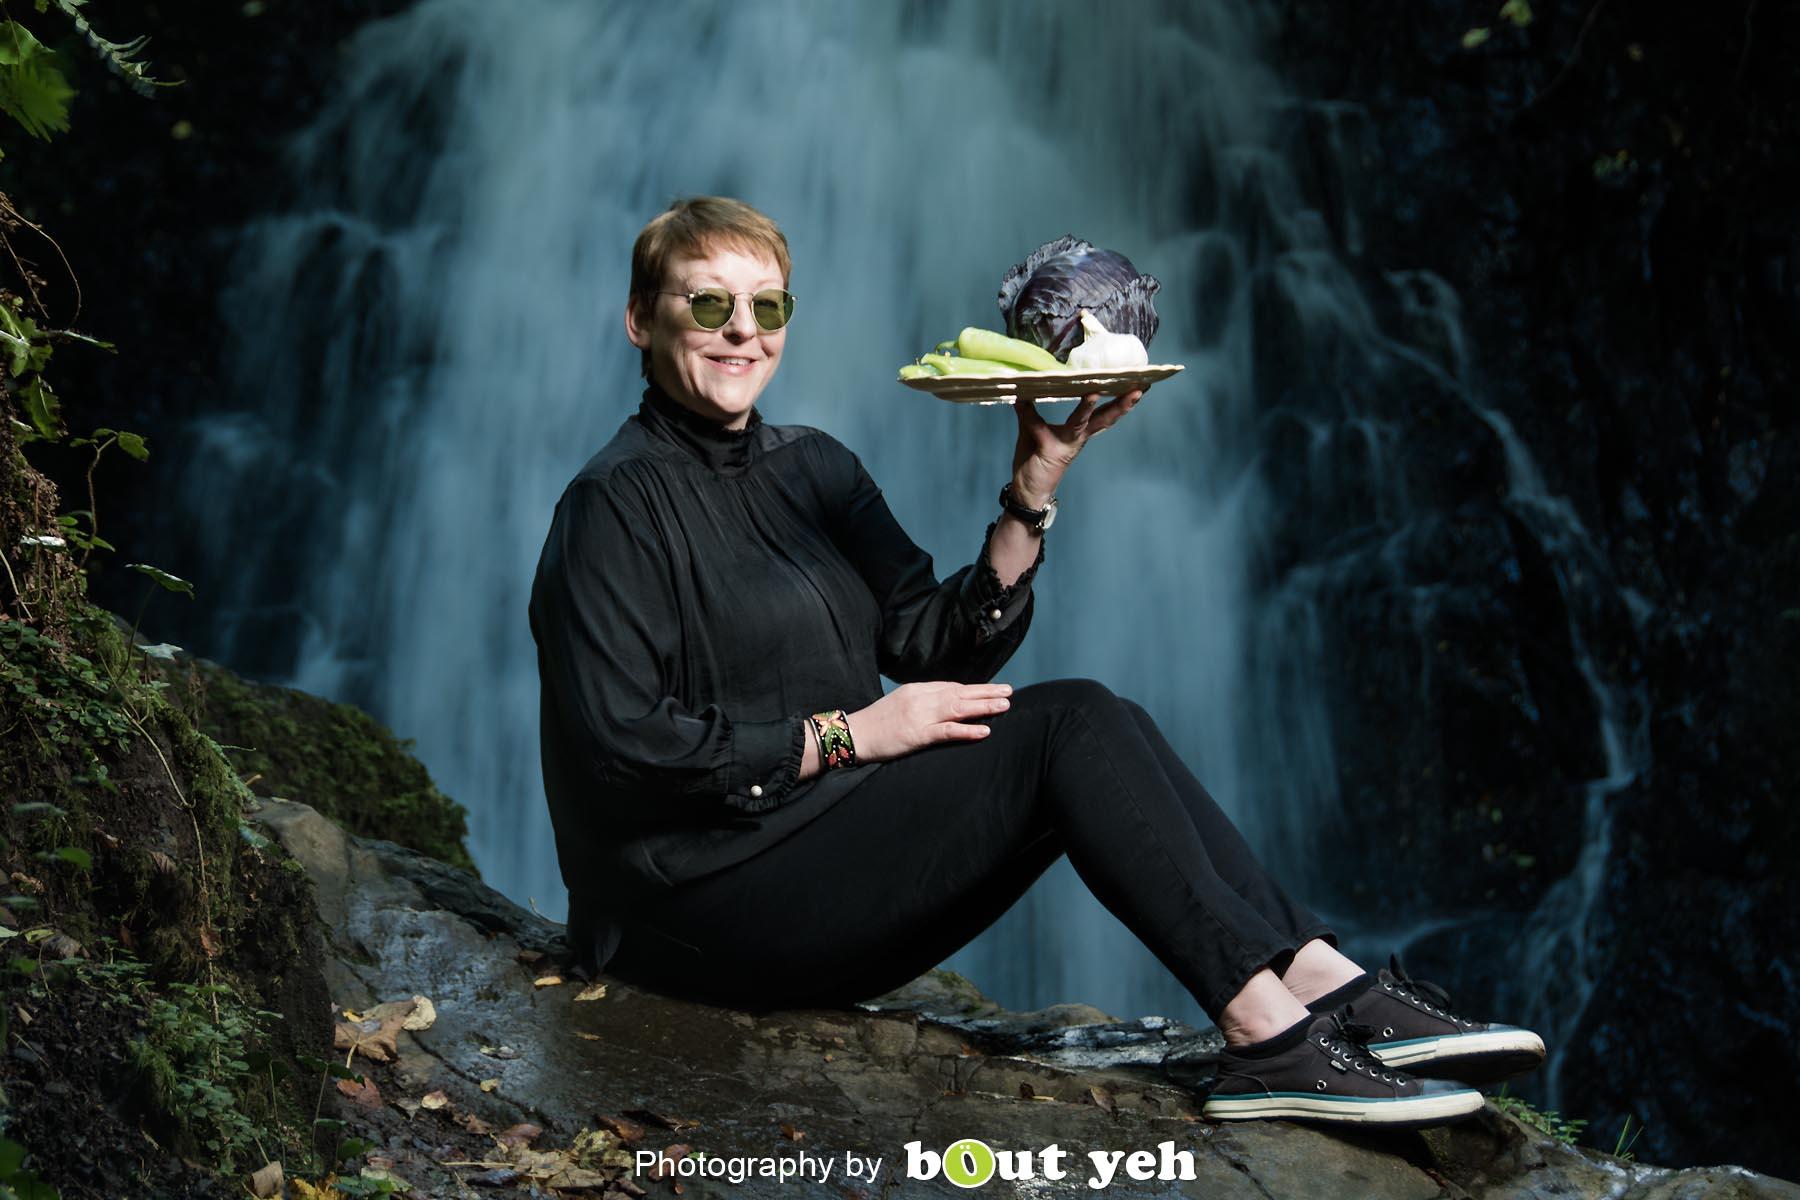 Kim, at Glenoe Waterfall, Northern Ireland - photo 9038.